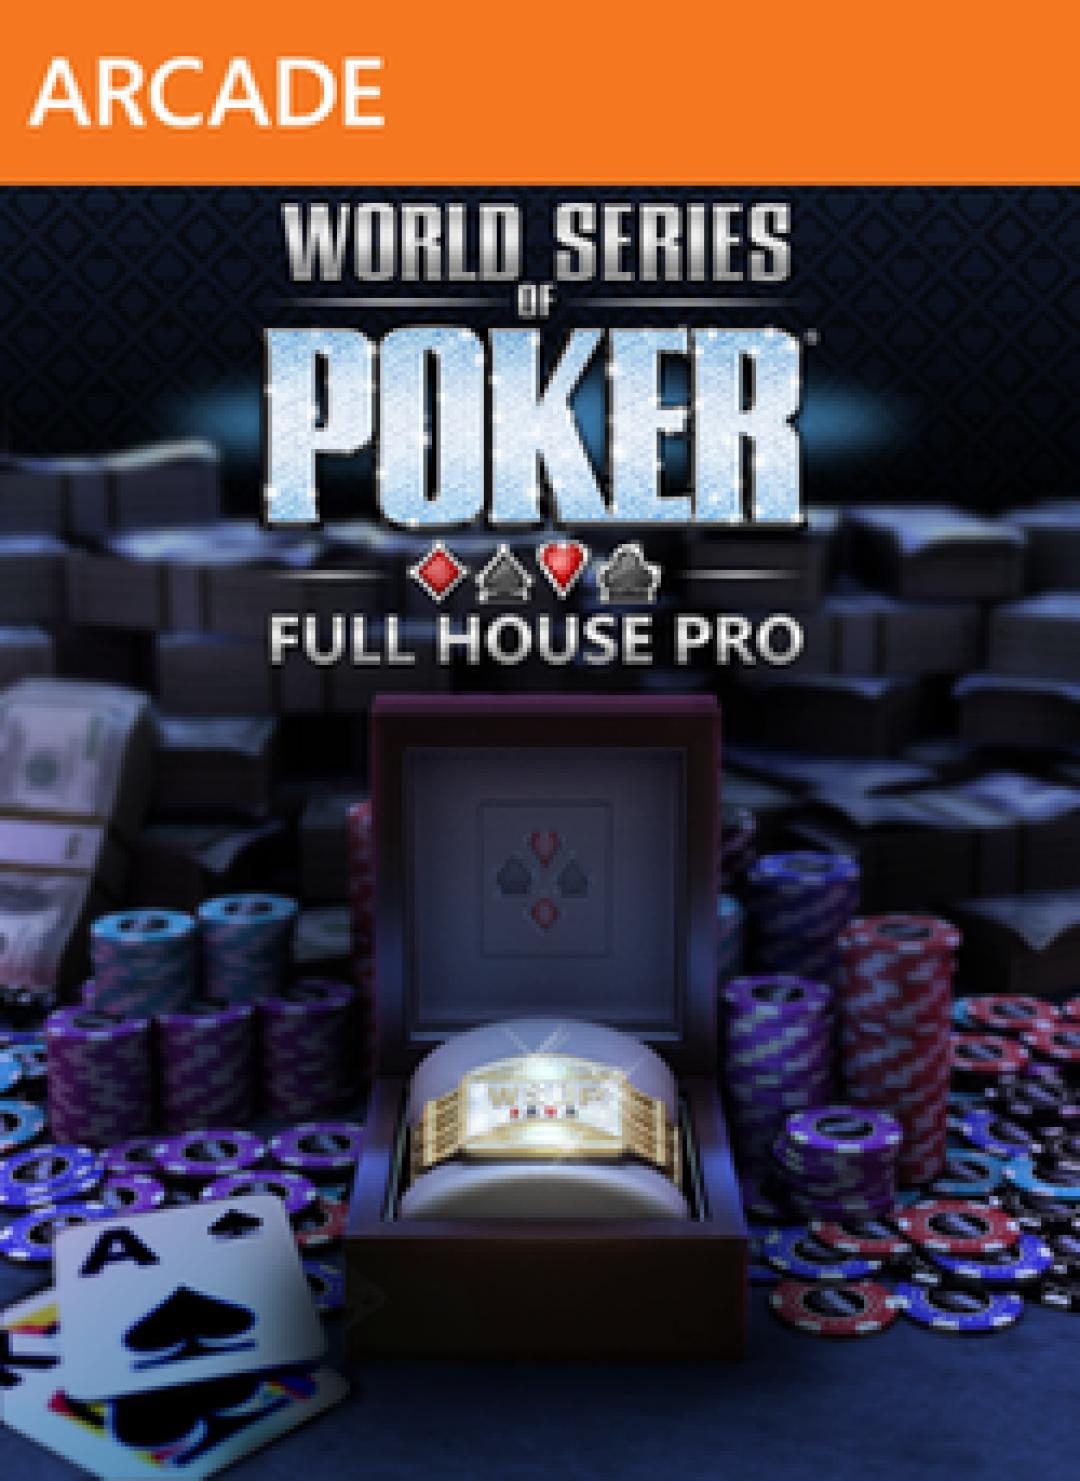 World Series of Poker: Full House Pro